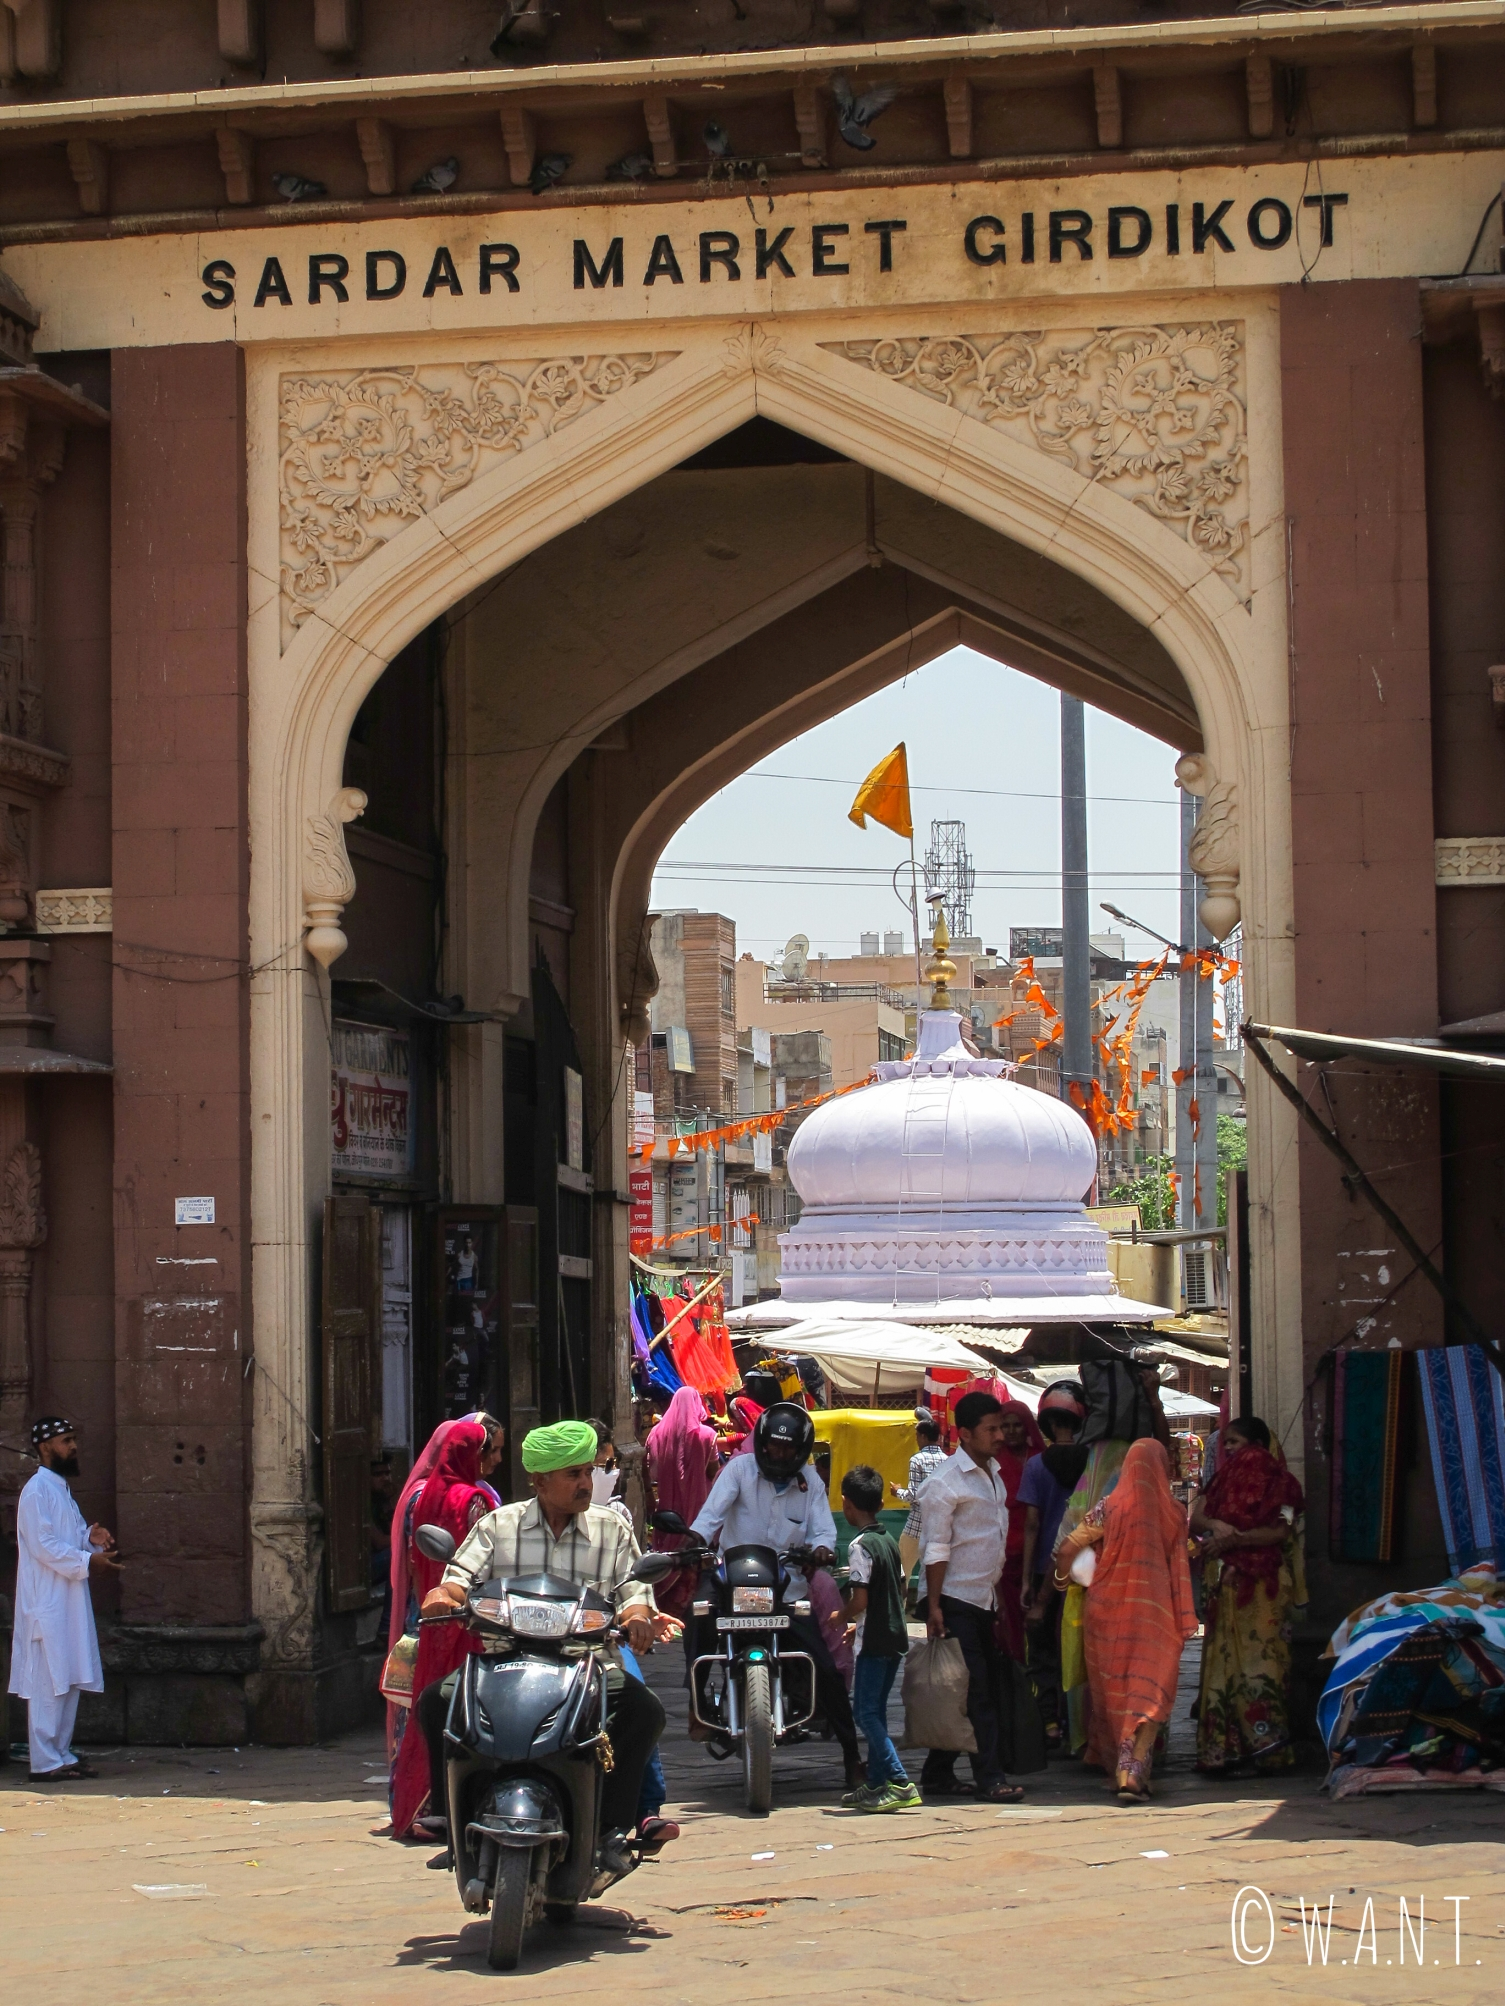 Une des quatre portes d'entrée pour rejoindre le Sadar market dans la vielle ville de Jodhpur